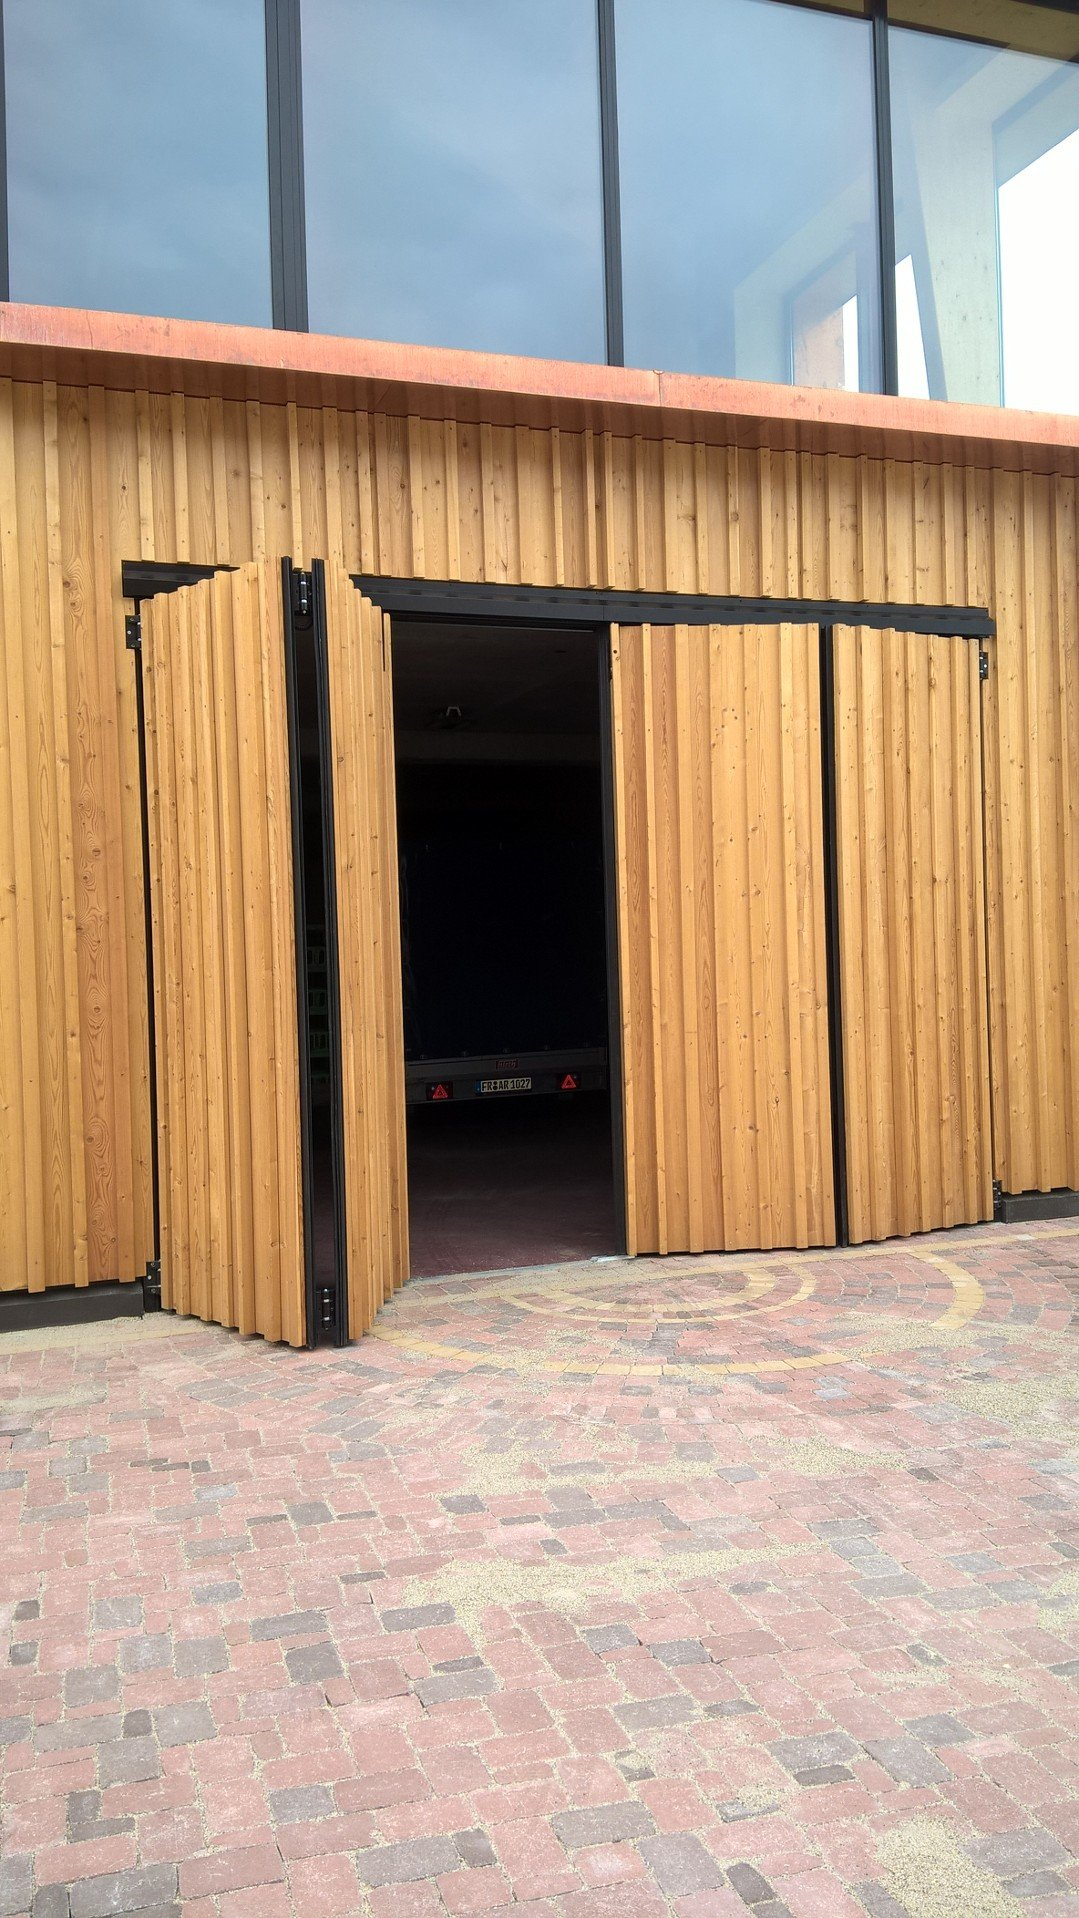 Falttor 2-2 mit Holzverkleidung - öffnend